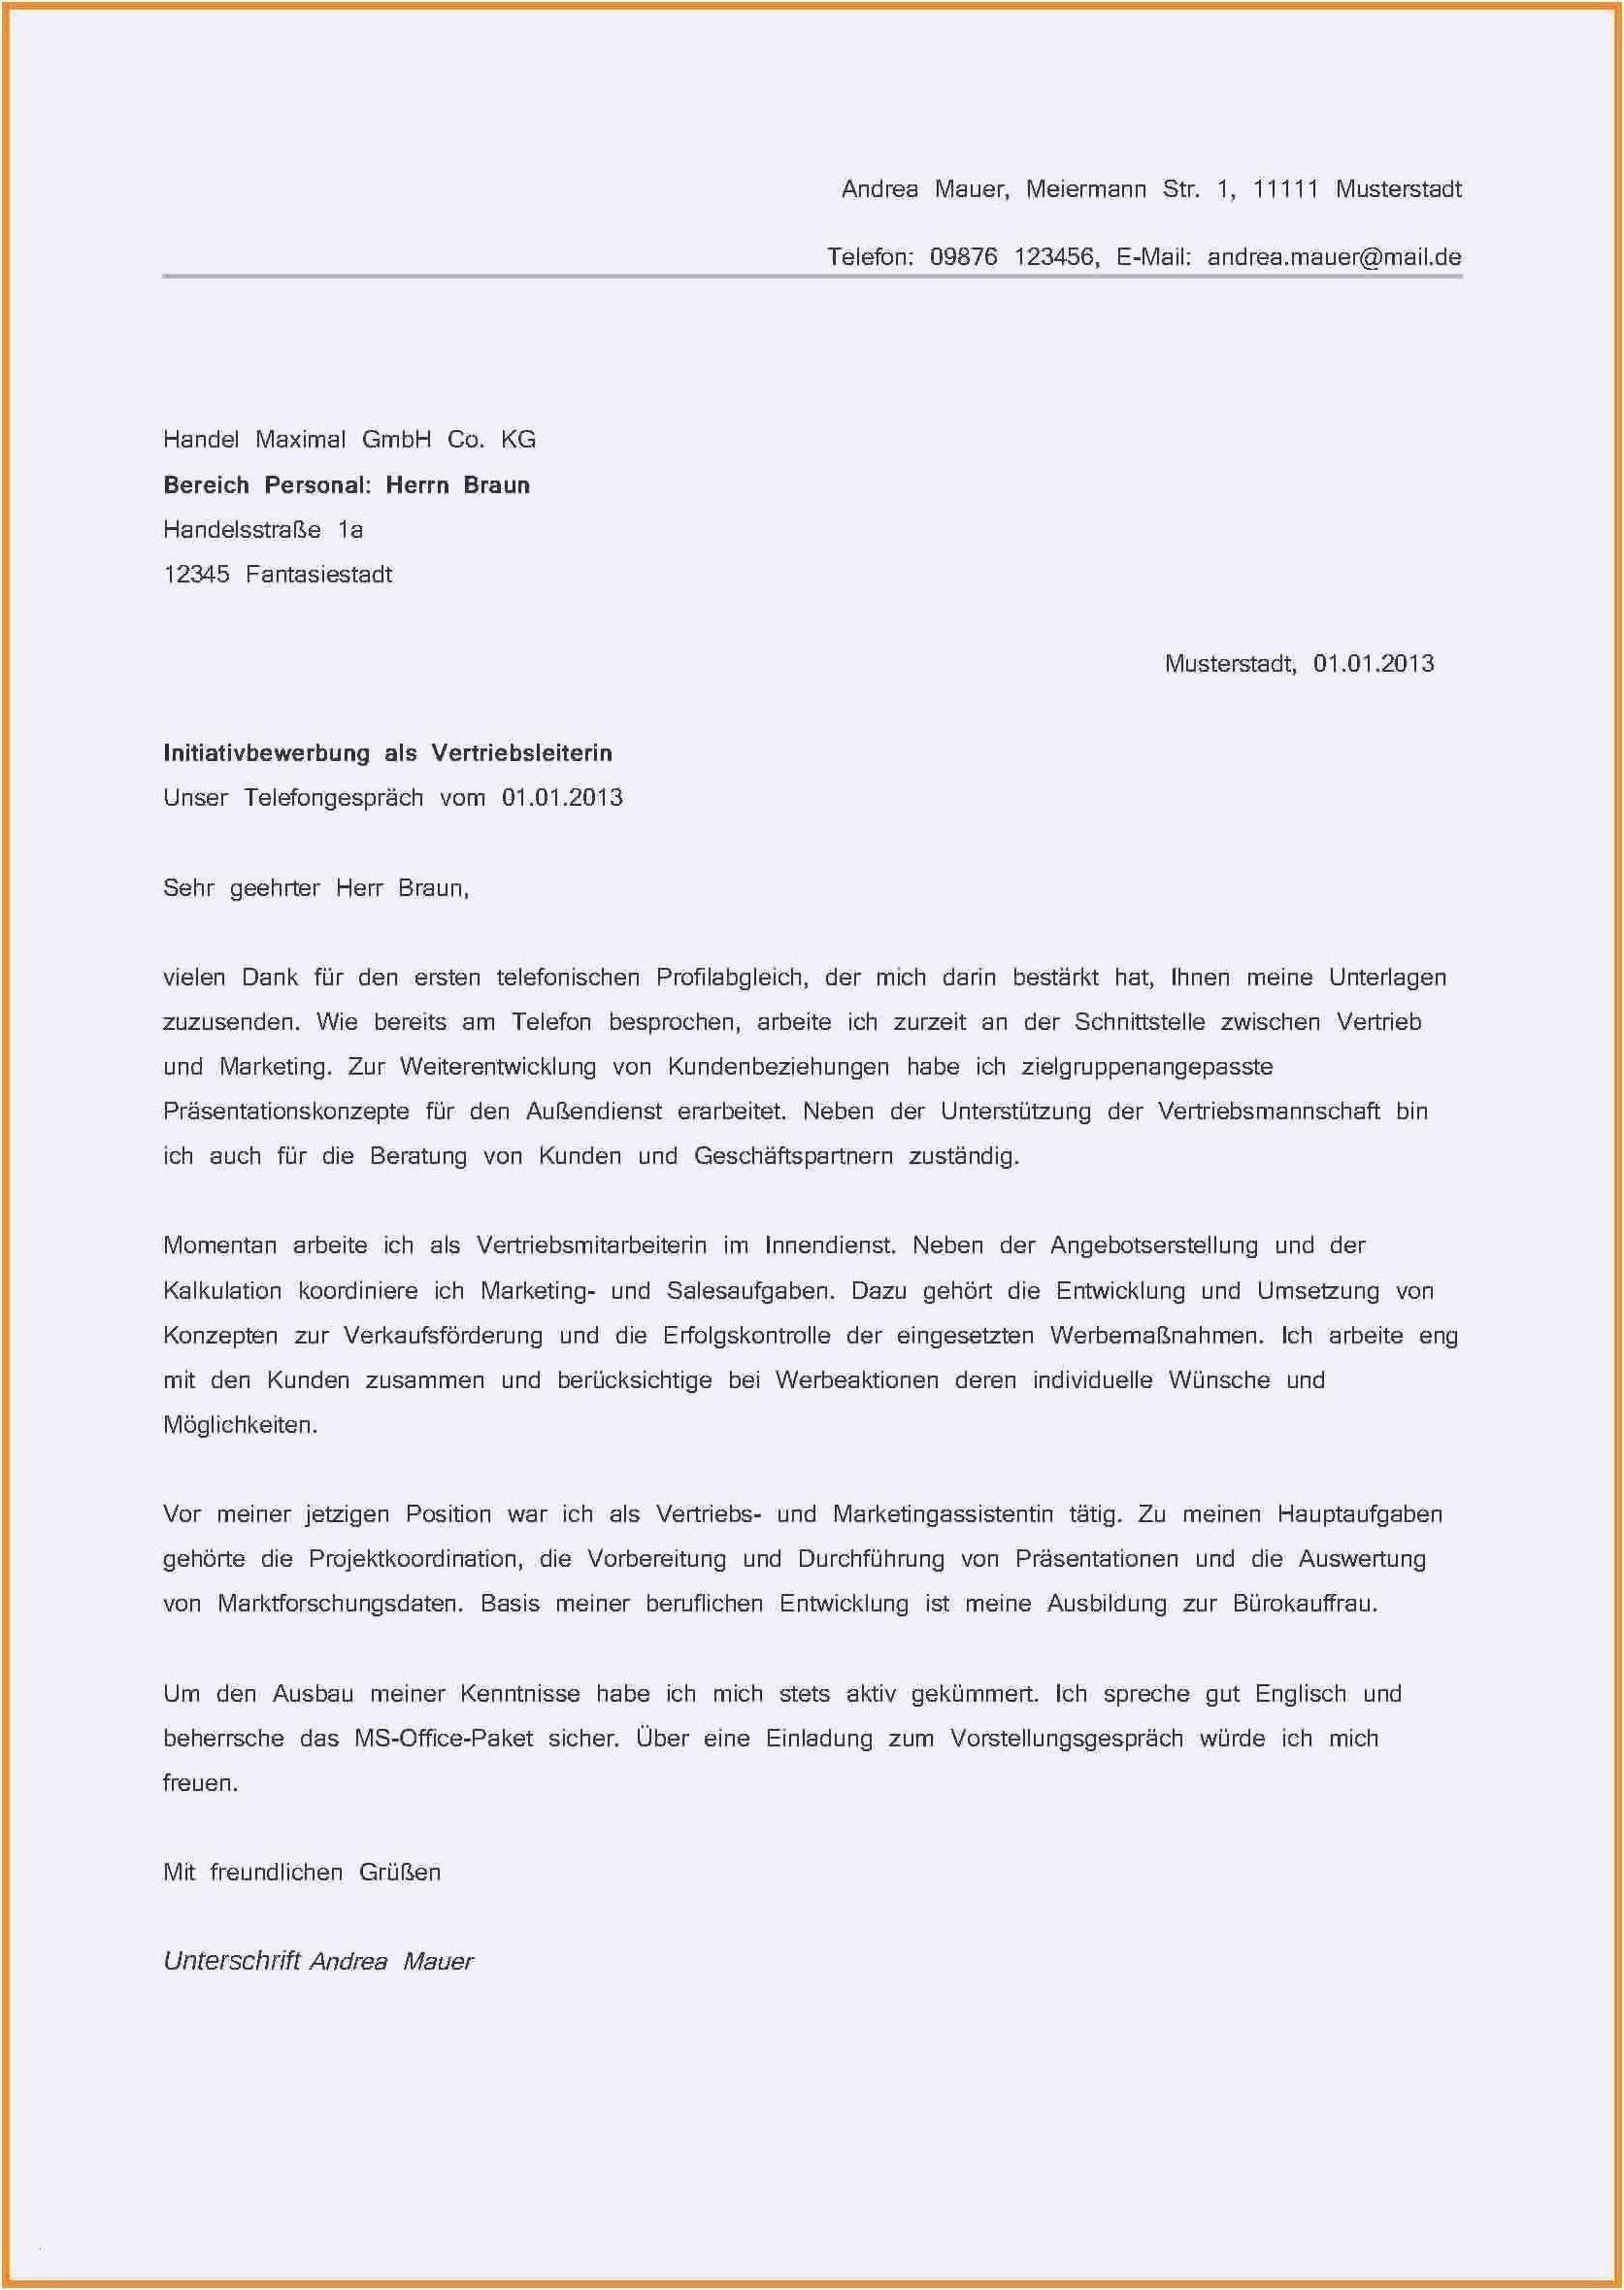 Neu Bewerbung Als Produktionshelfer Briefprobe Briefformat Briefvorlage Lebenslauf Muster Lebenslauf Lebenslaufvorlage Kostenlos